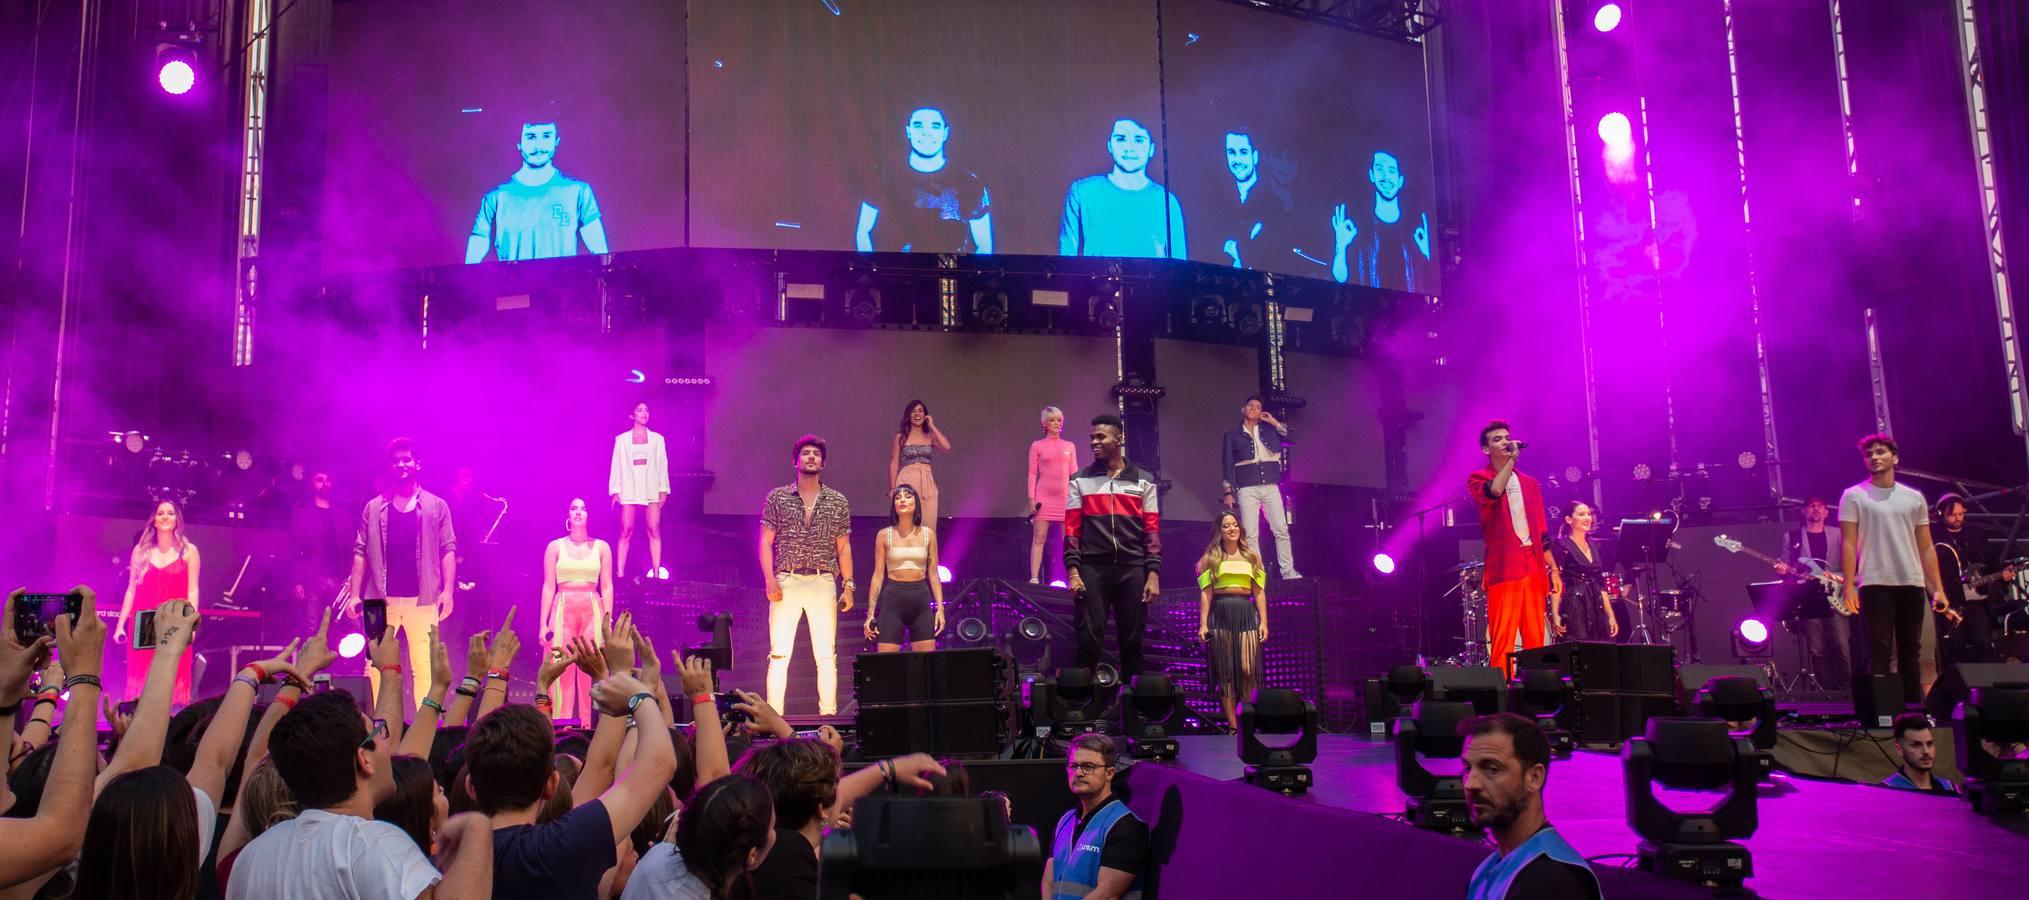 cronica ot 2018 sevilla concierto famous time alba reche natalia lacunza miki julia dave